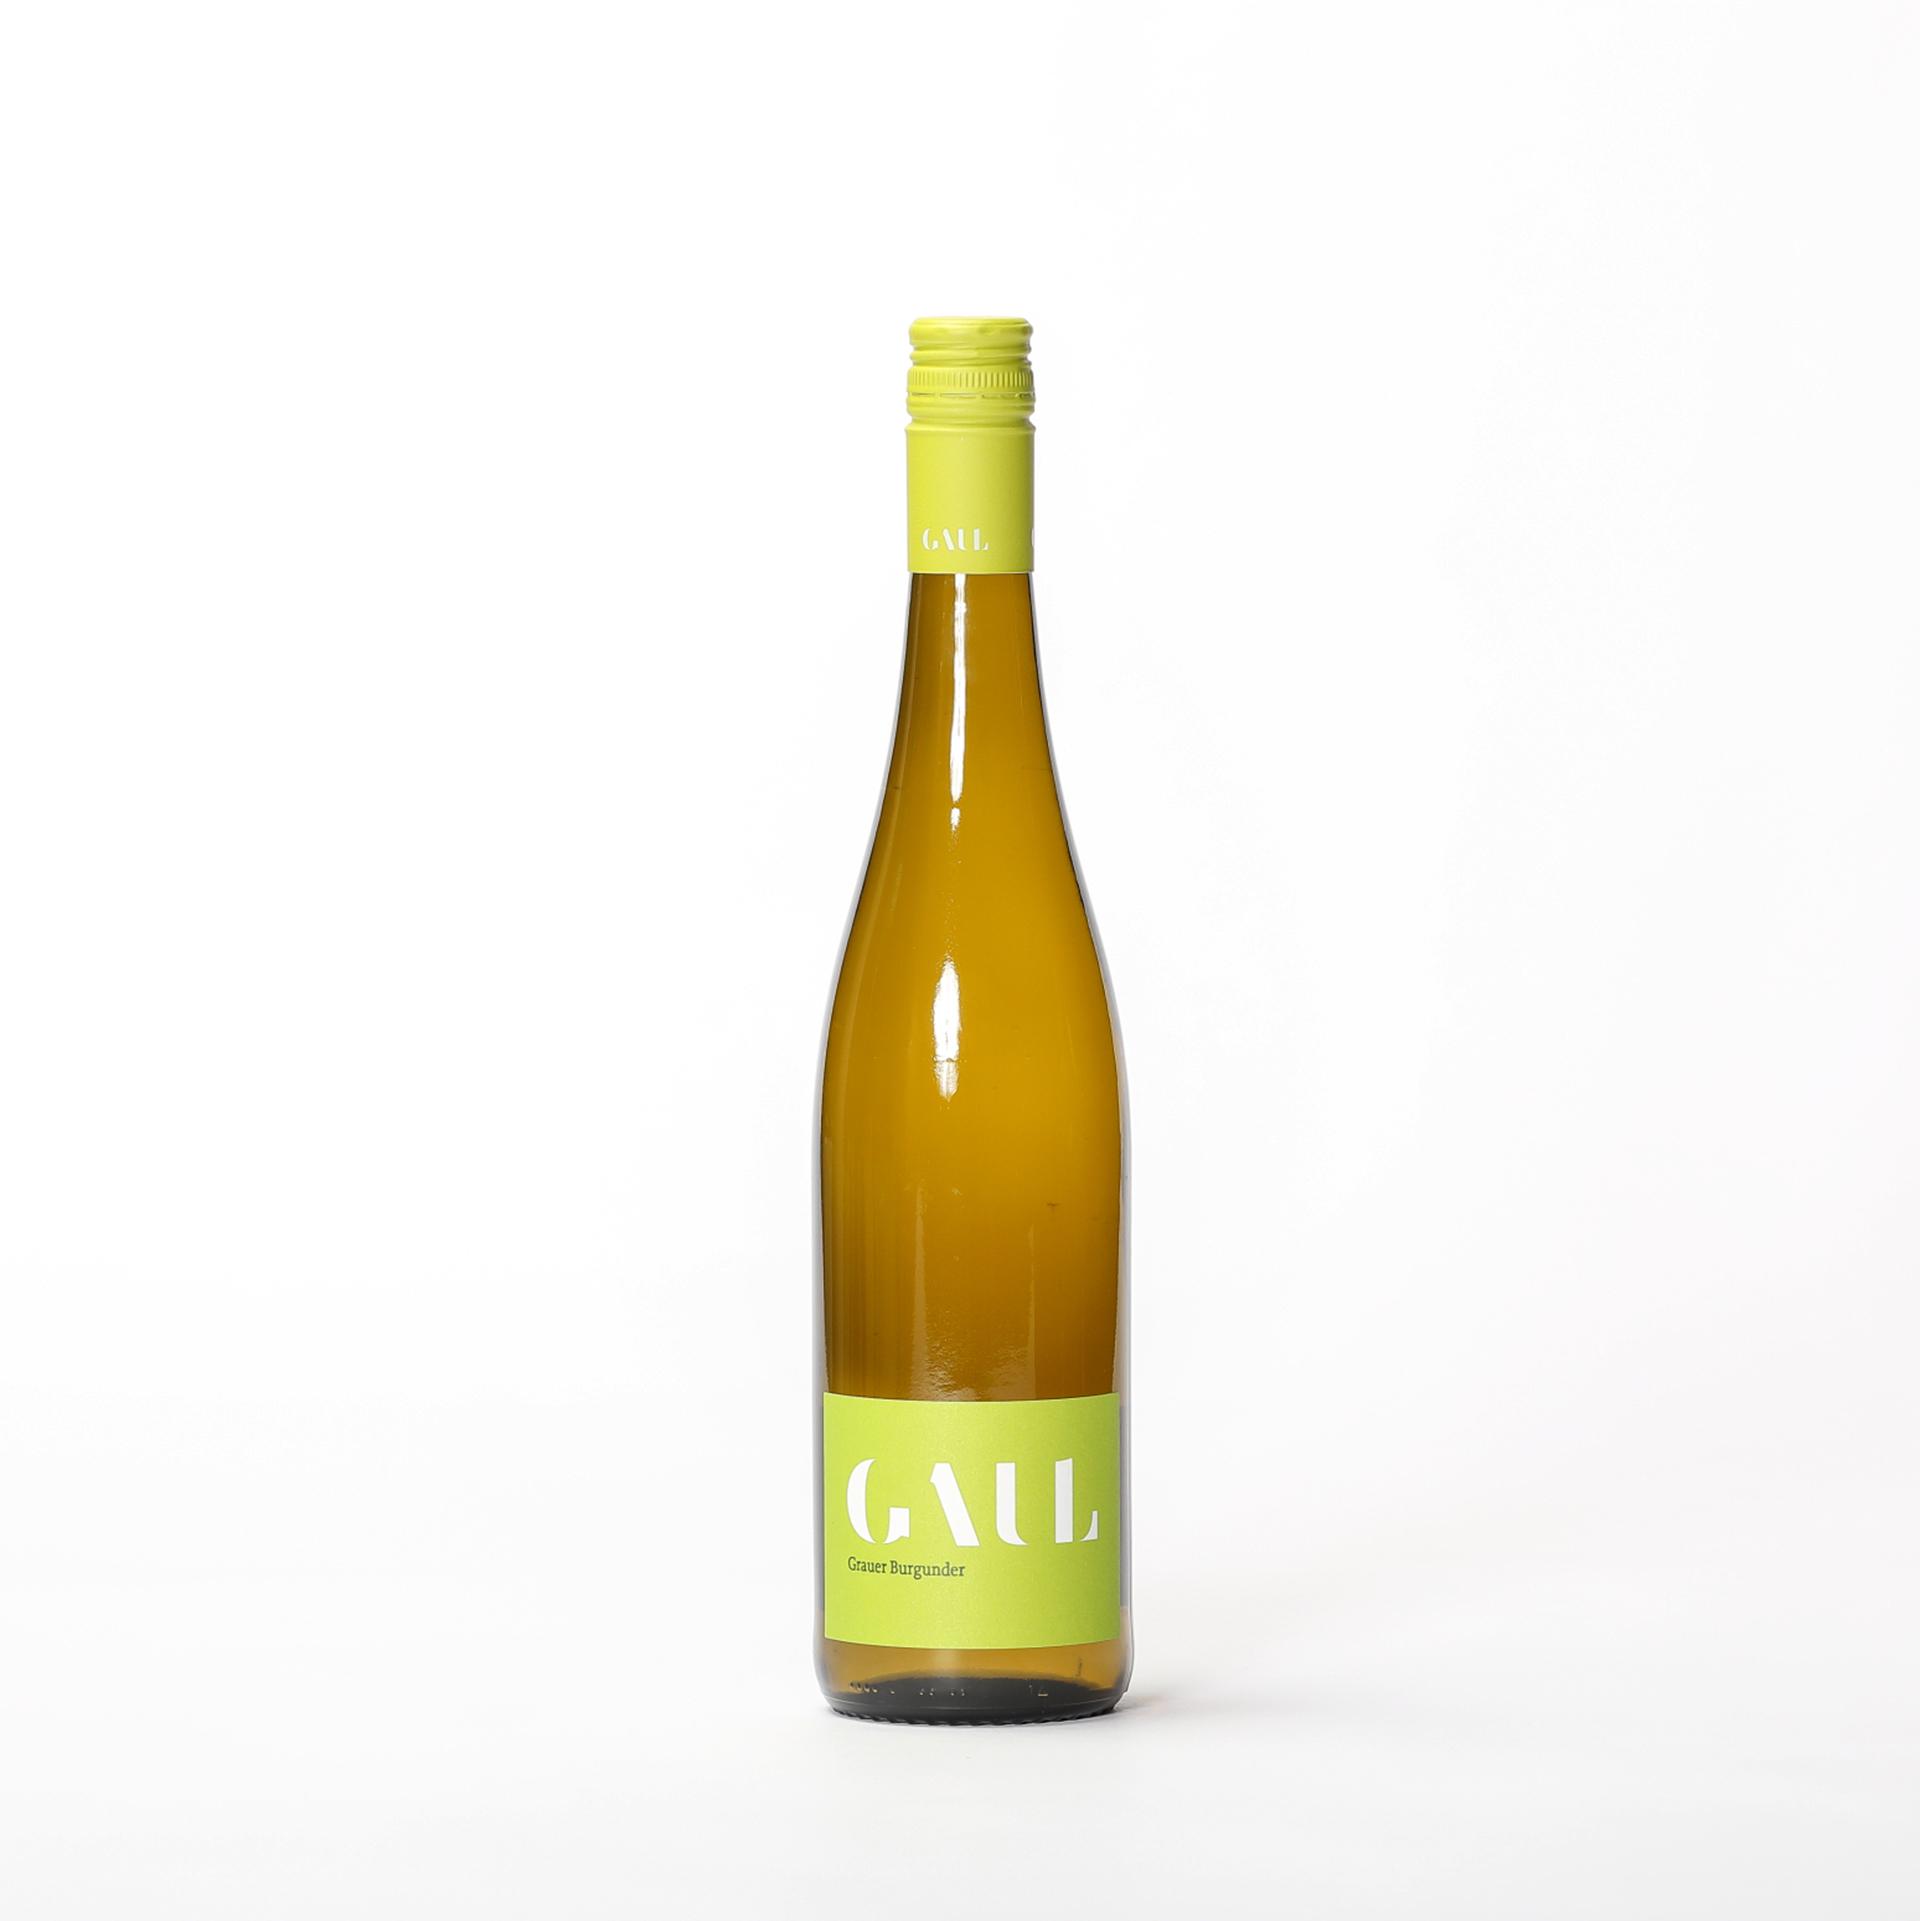 Grauer Burgunder 2020 - Weingut Gaul